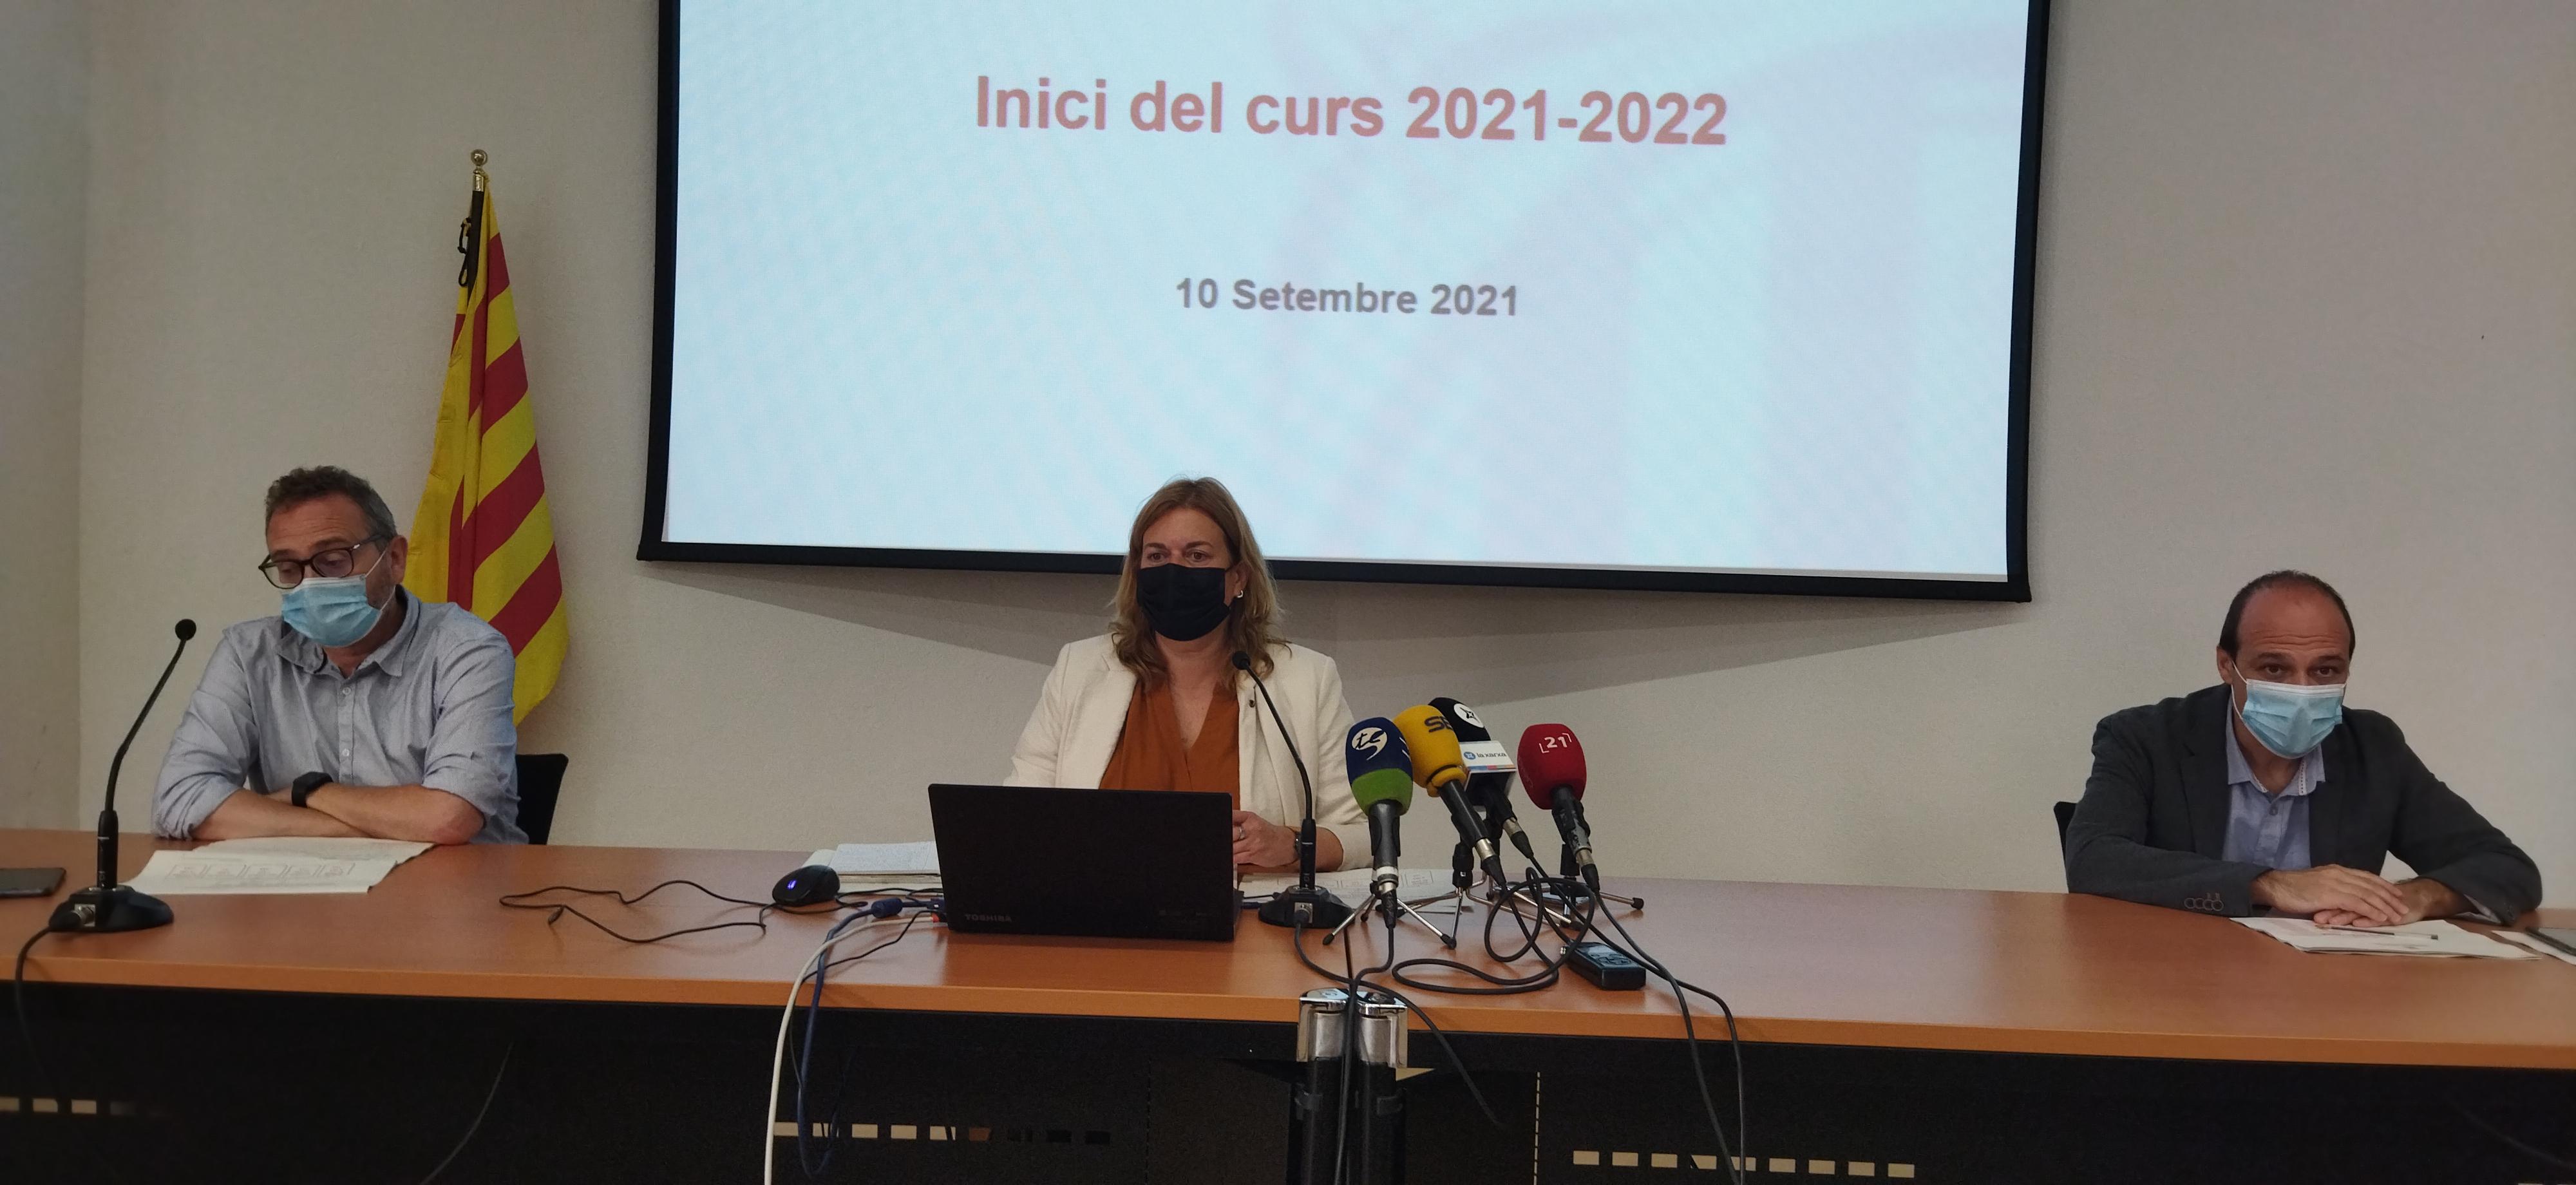 Presentació dades i novetats nou curs escolar 2021-2022 a les Terres de l'Ebre